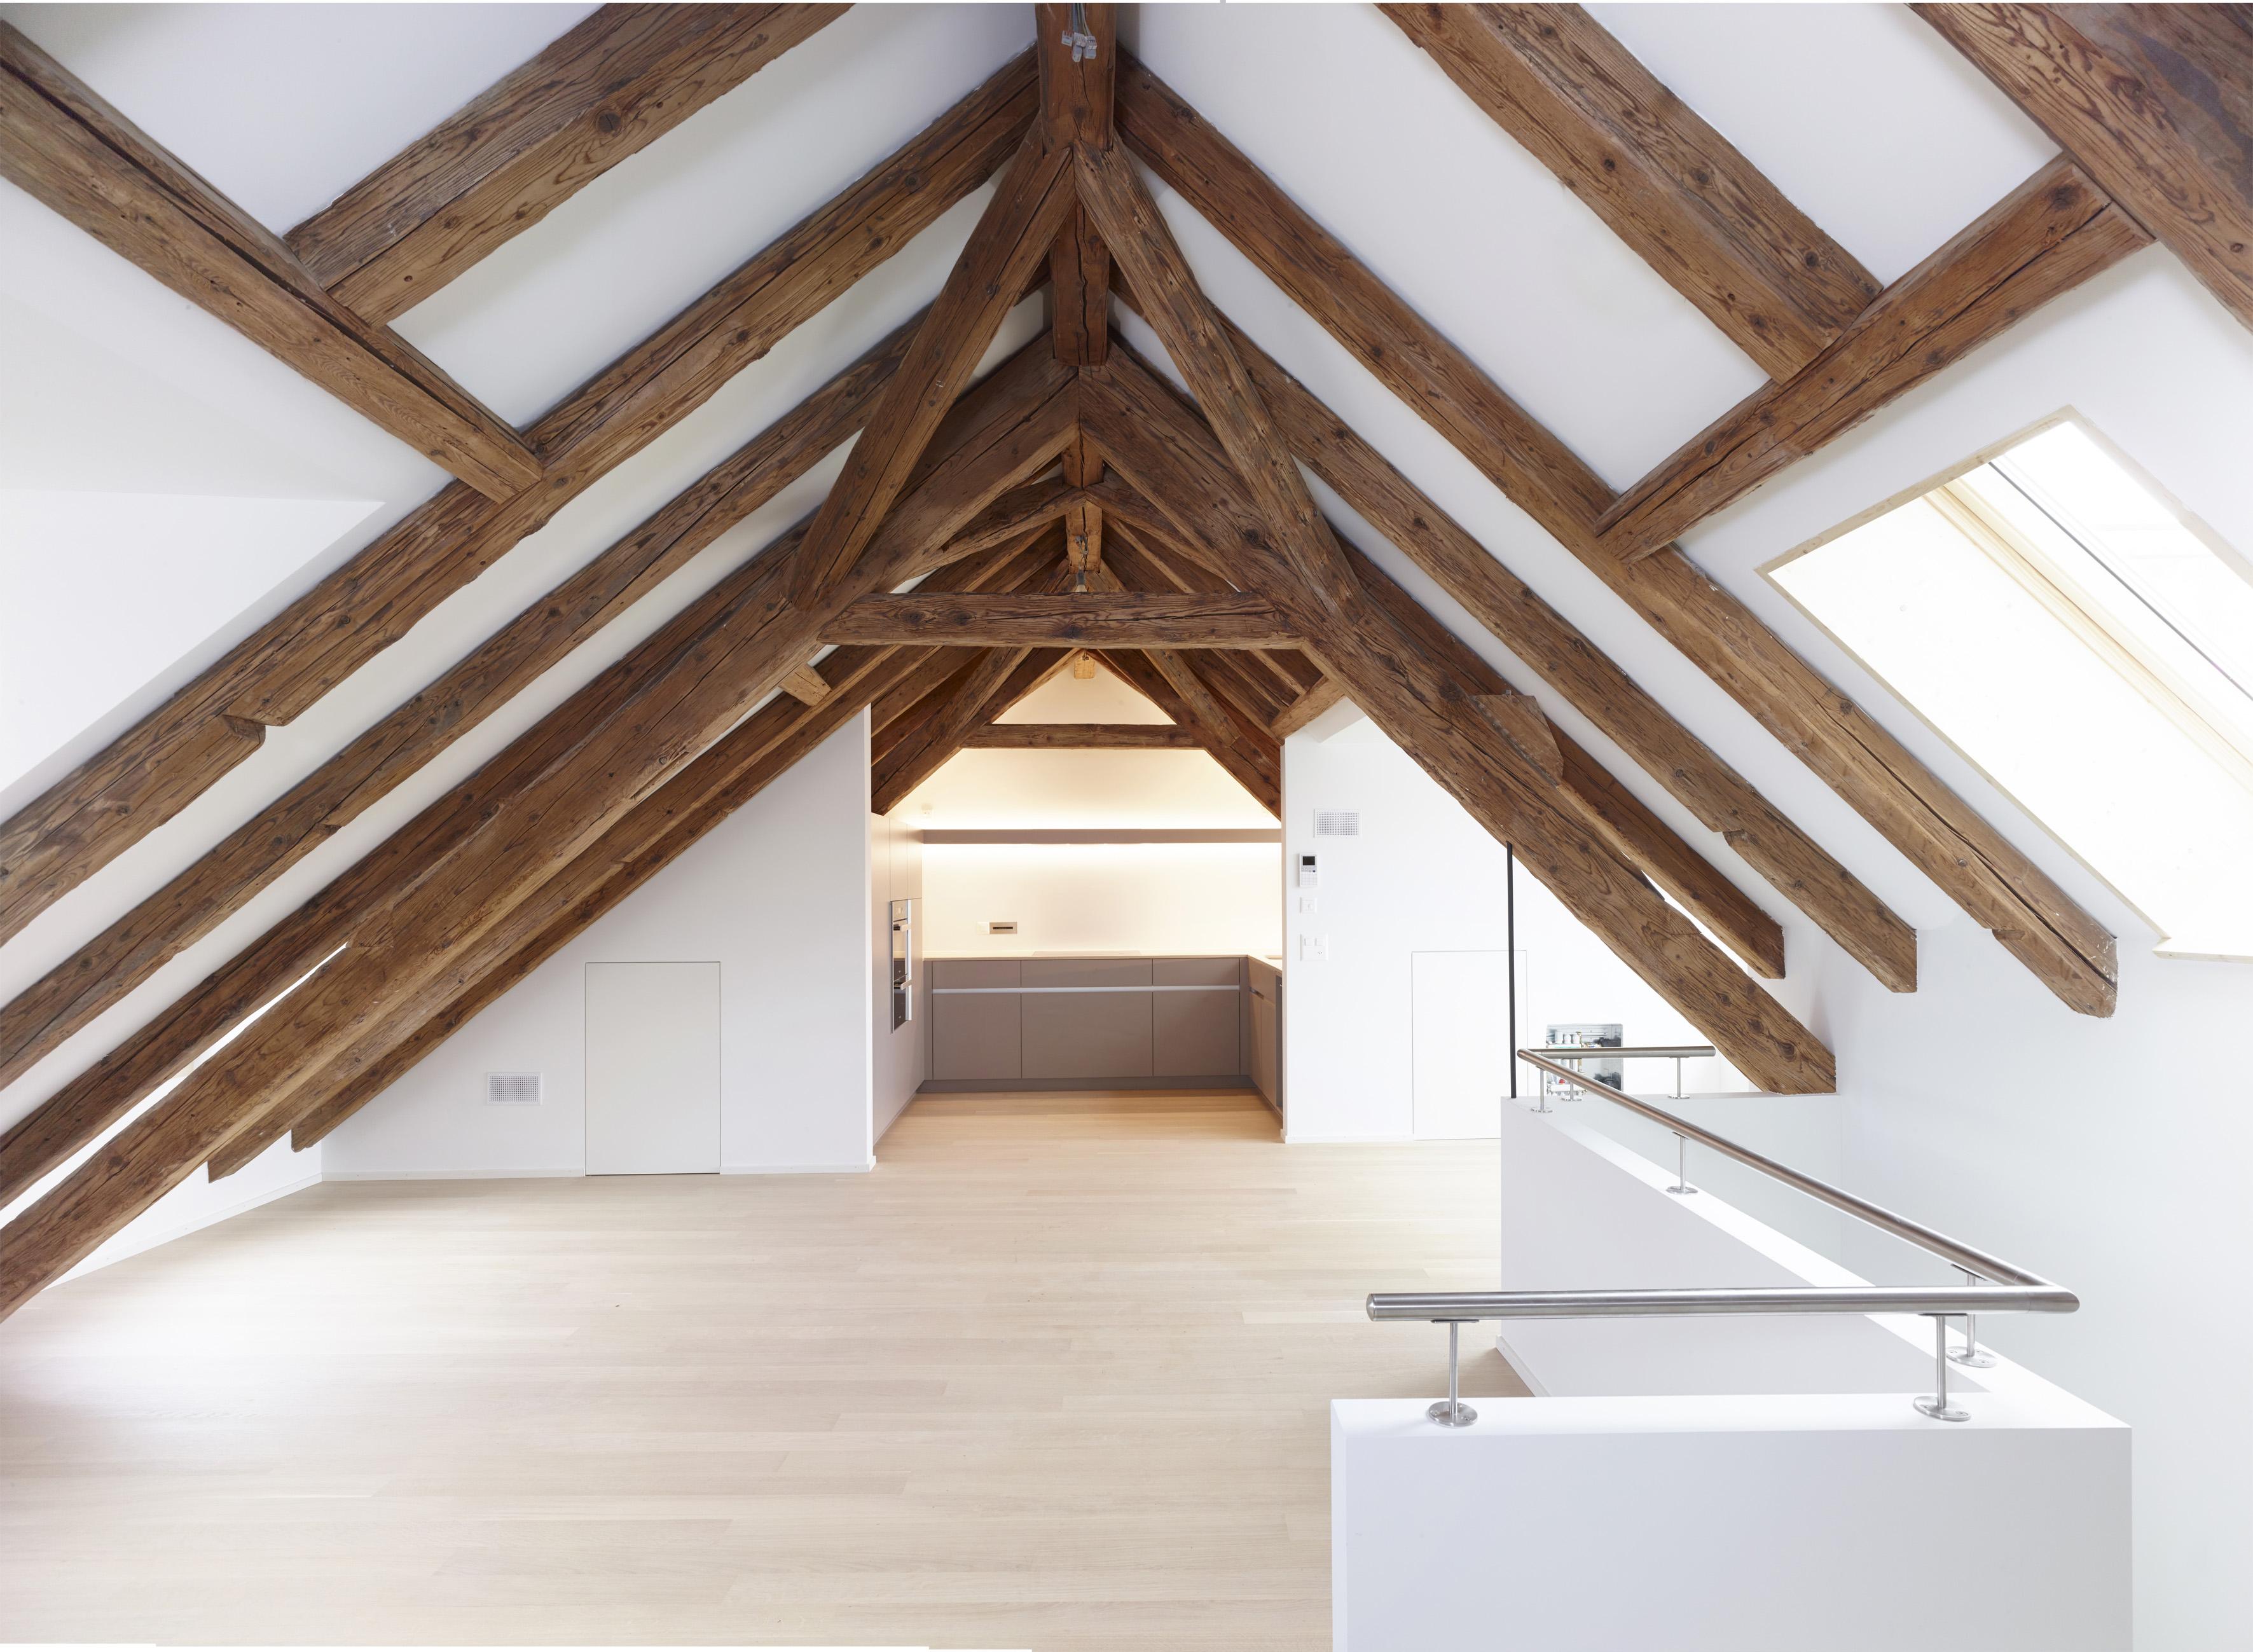 referenzen im holzbau hecht holzbau ag. Black Bedroom Furniture Sets. Home Design Ideas